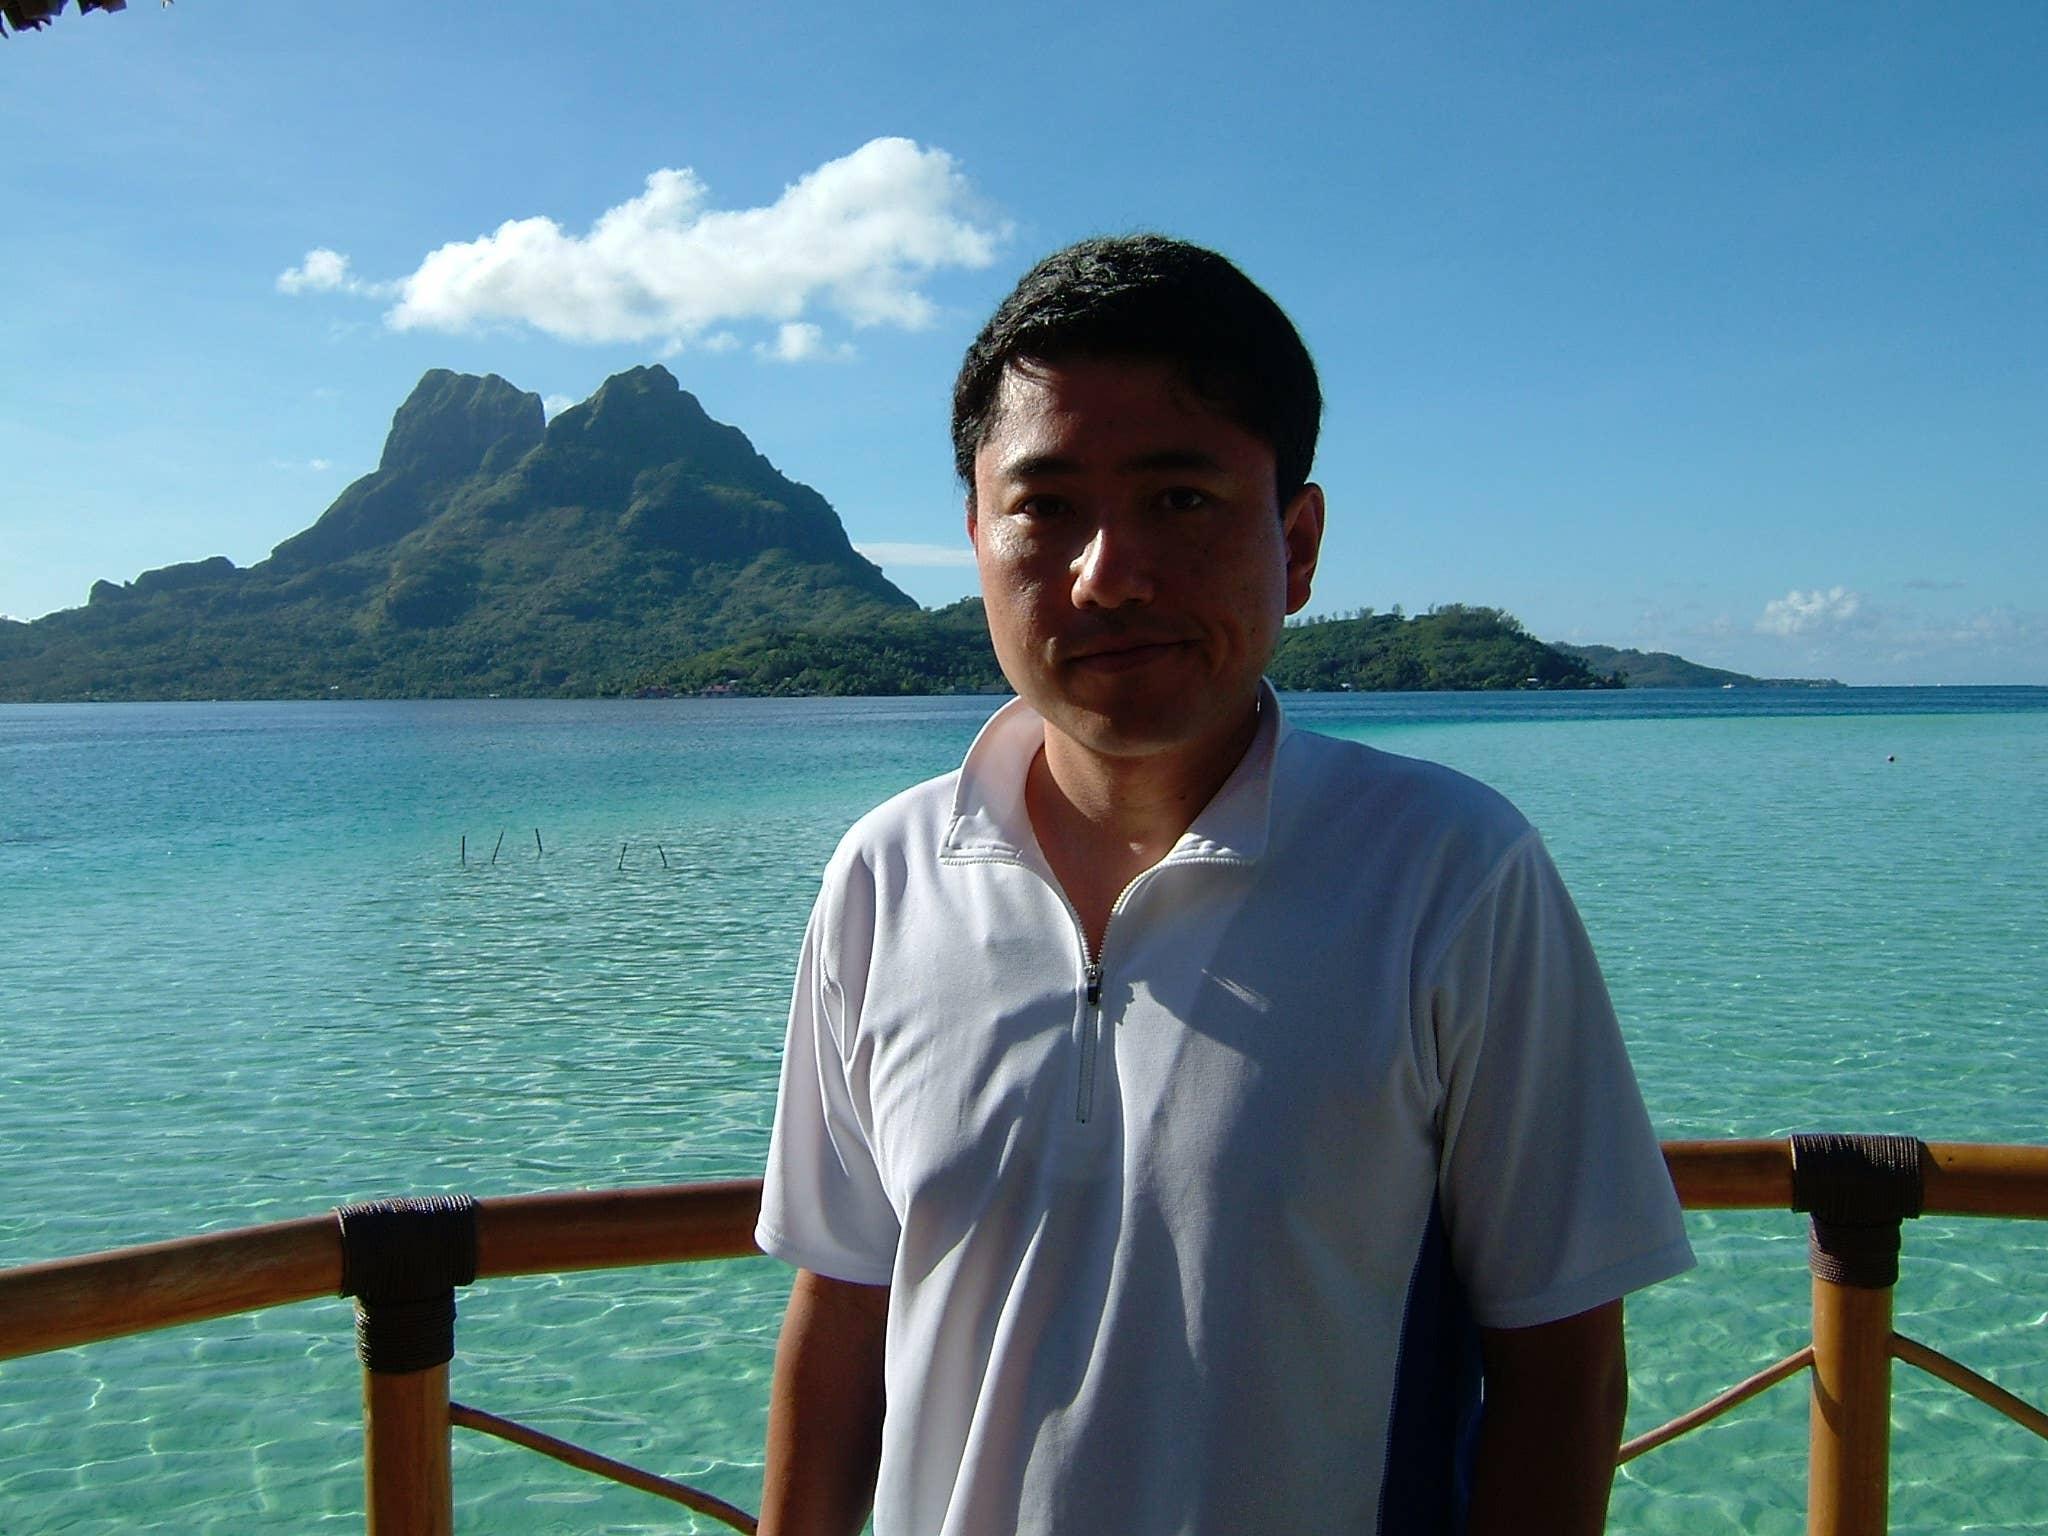 Masahiko Sumikoma